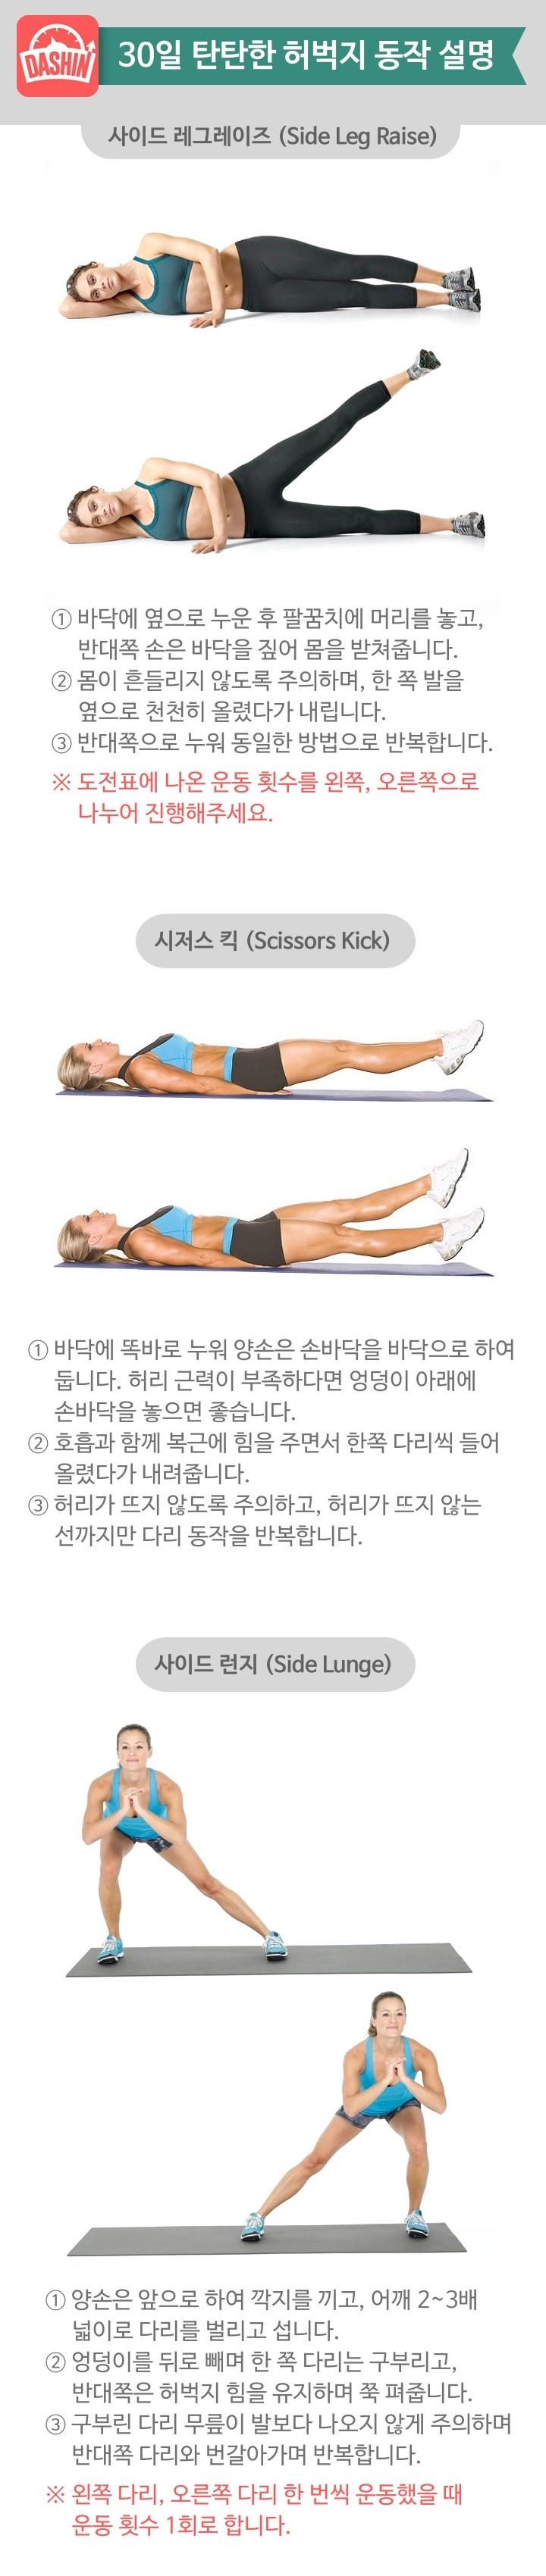 30일 탄탄한 허벅지 도전방법 & 도전 성공 조건